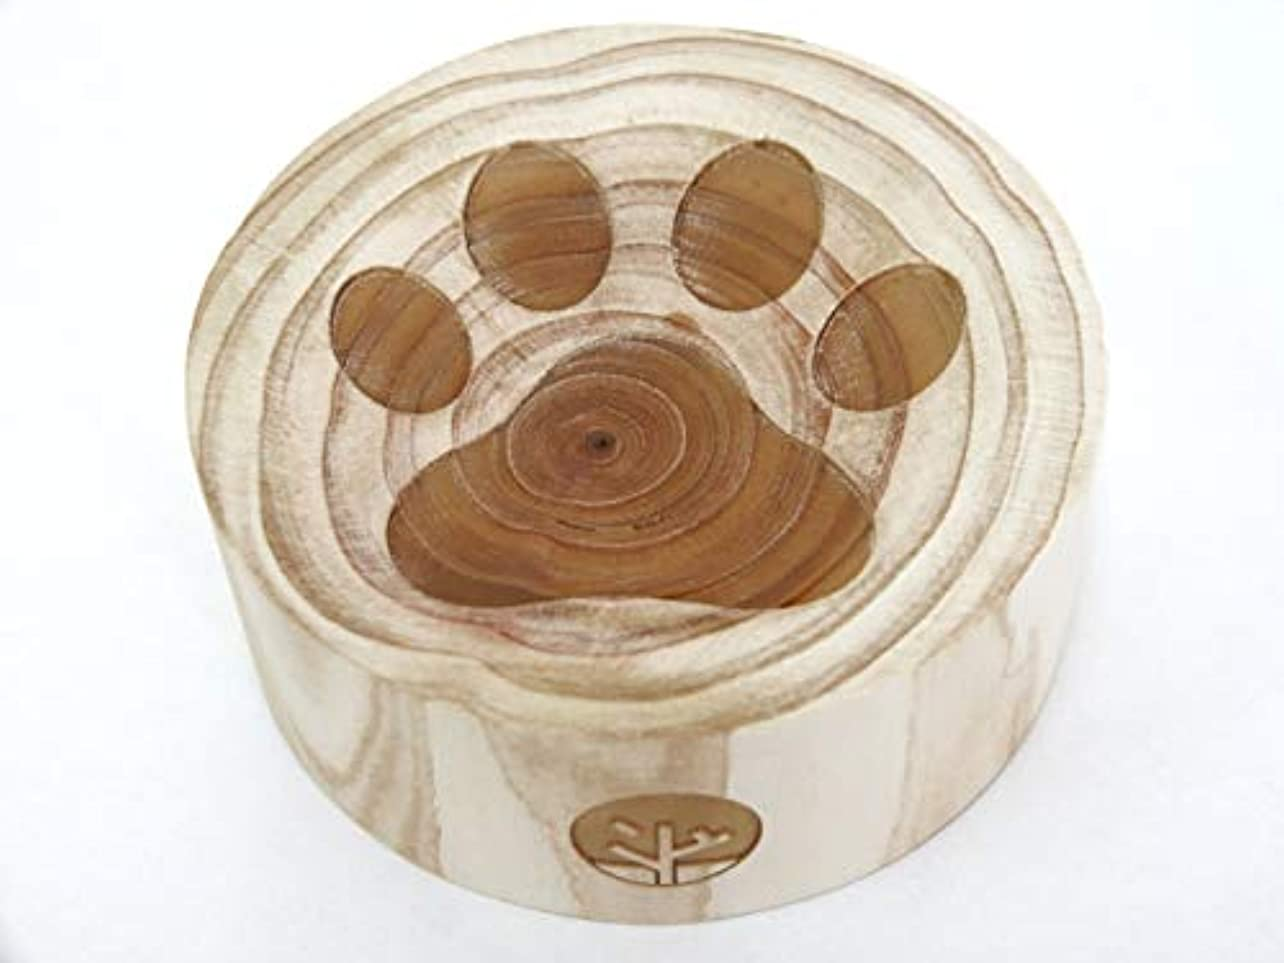 筋二次暴君一郎木創 木製 アロマディッシュ 心持木受香器 肉球 猫 桧 TL-97-5